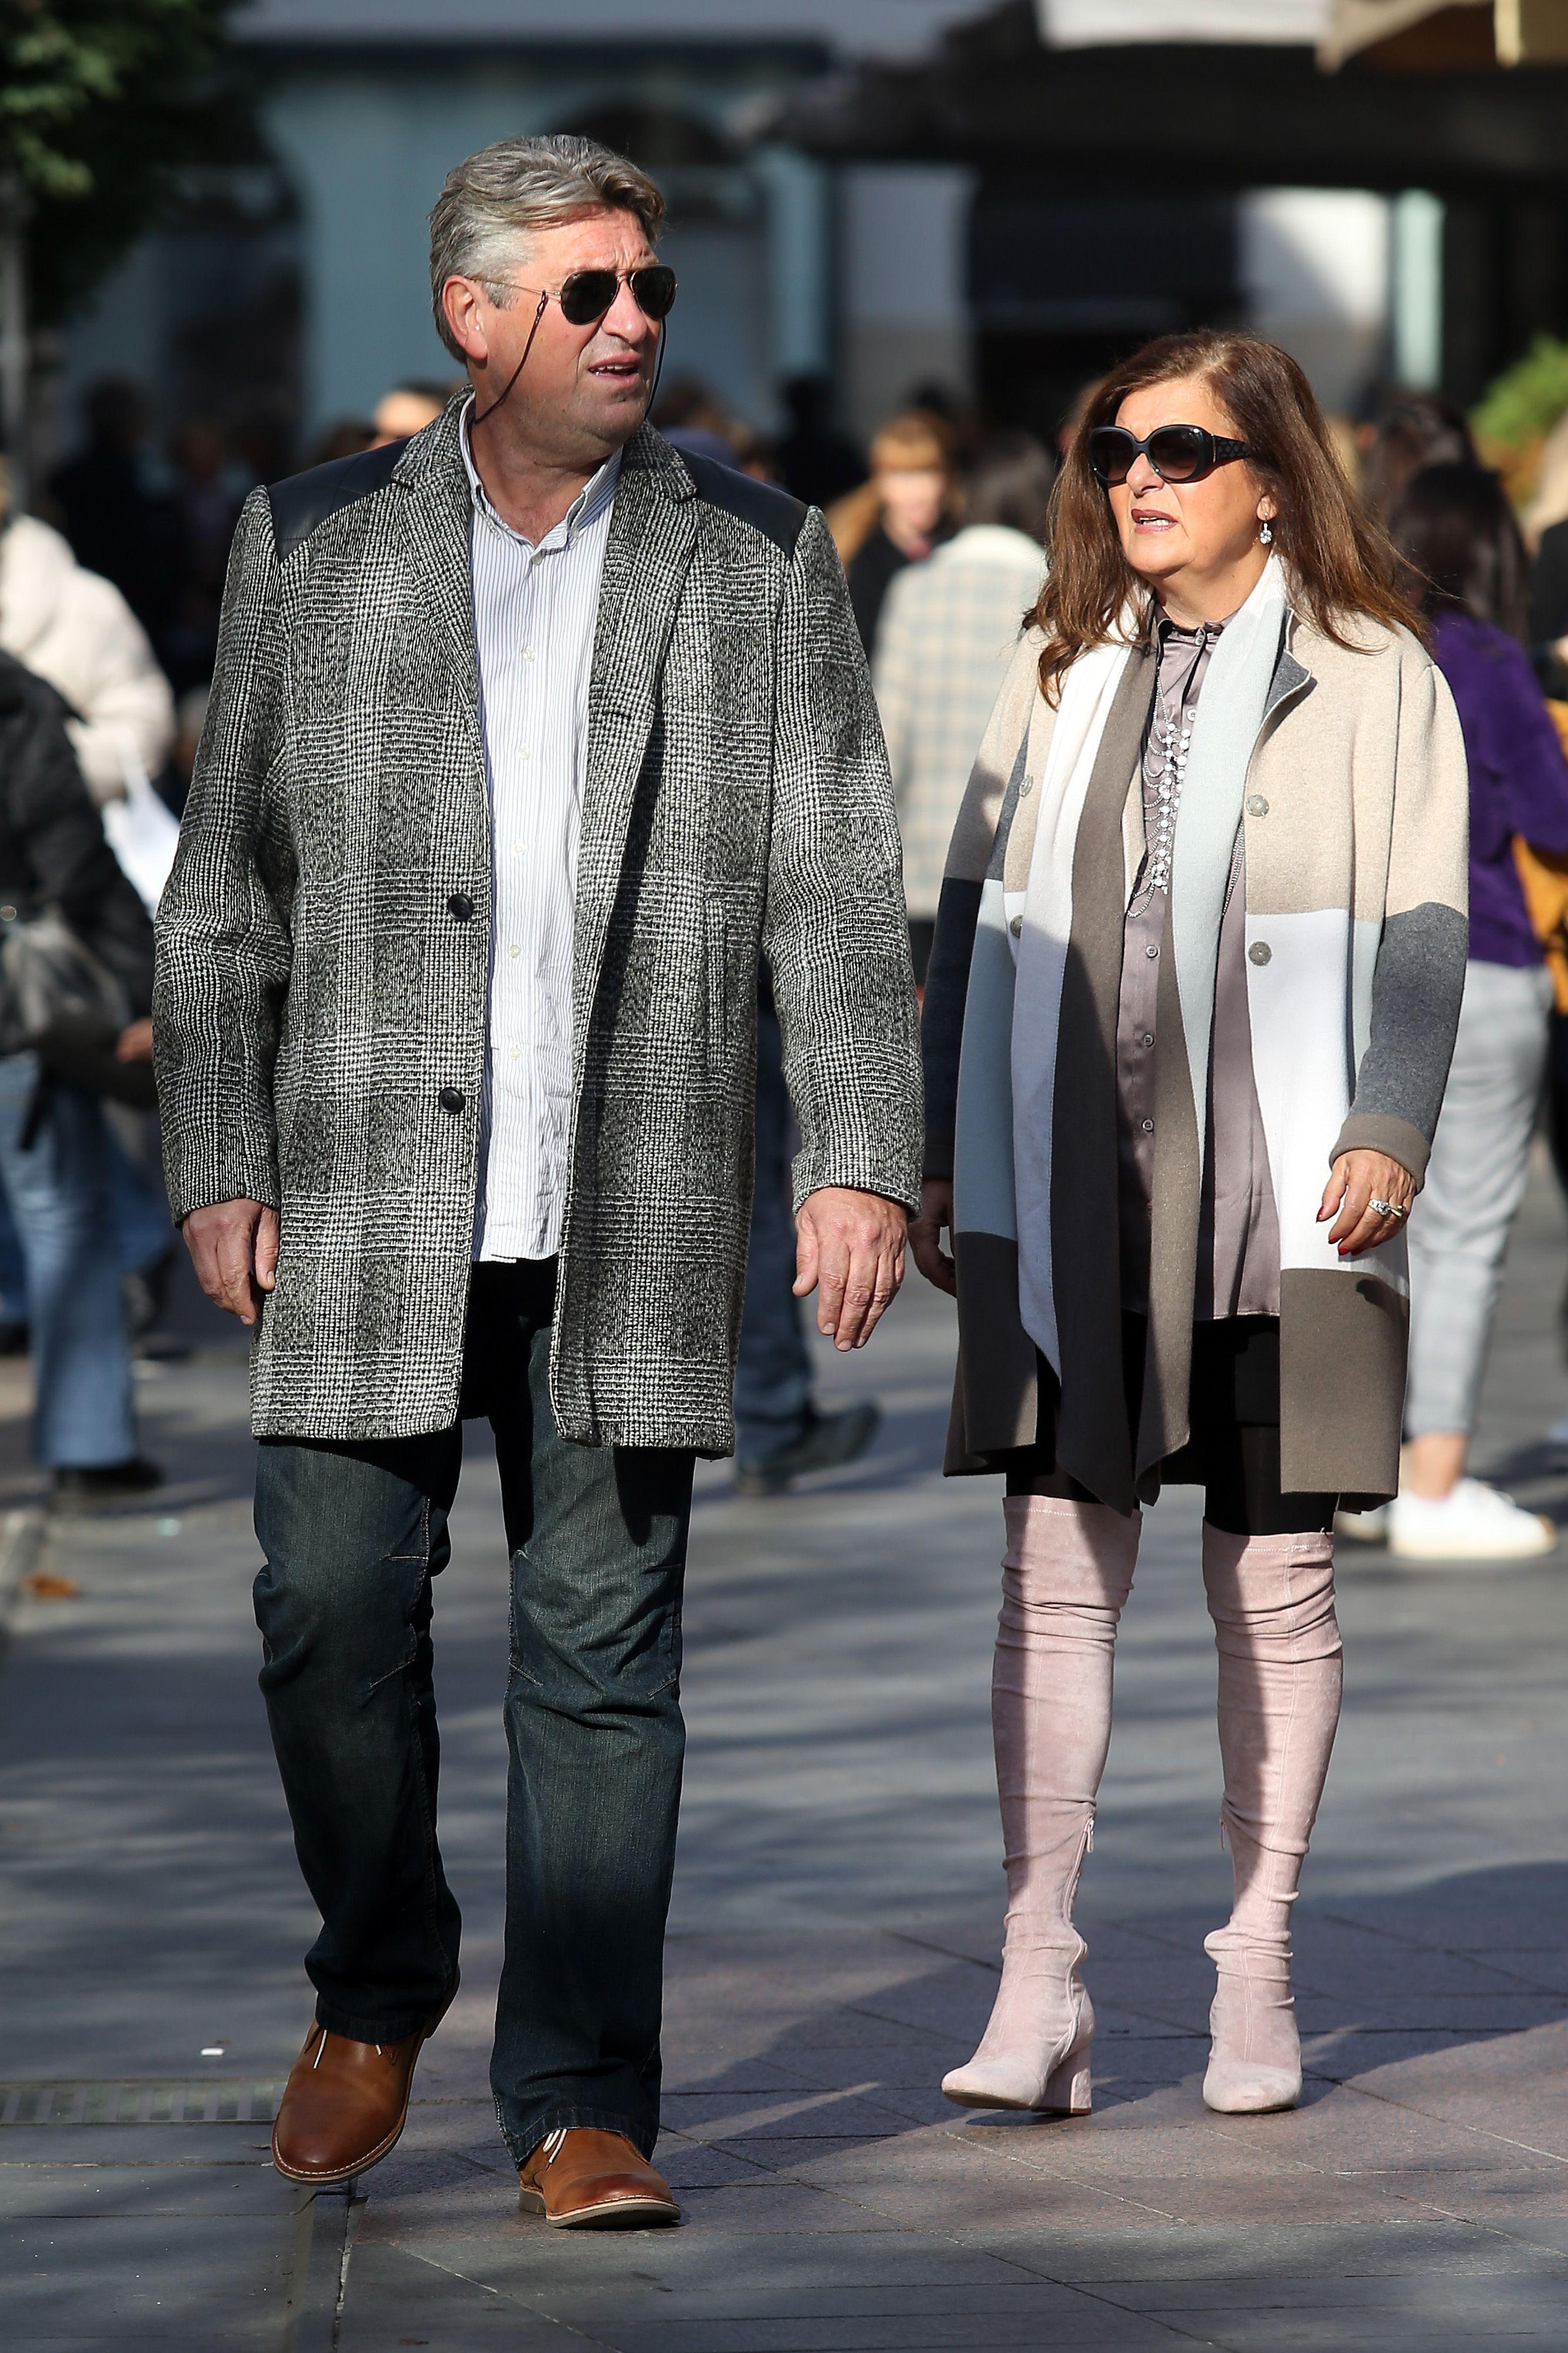 Baš ih je lijepo vidjeti: Od njih dvoje svi možemo nešto naučiti o stilu!